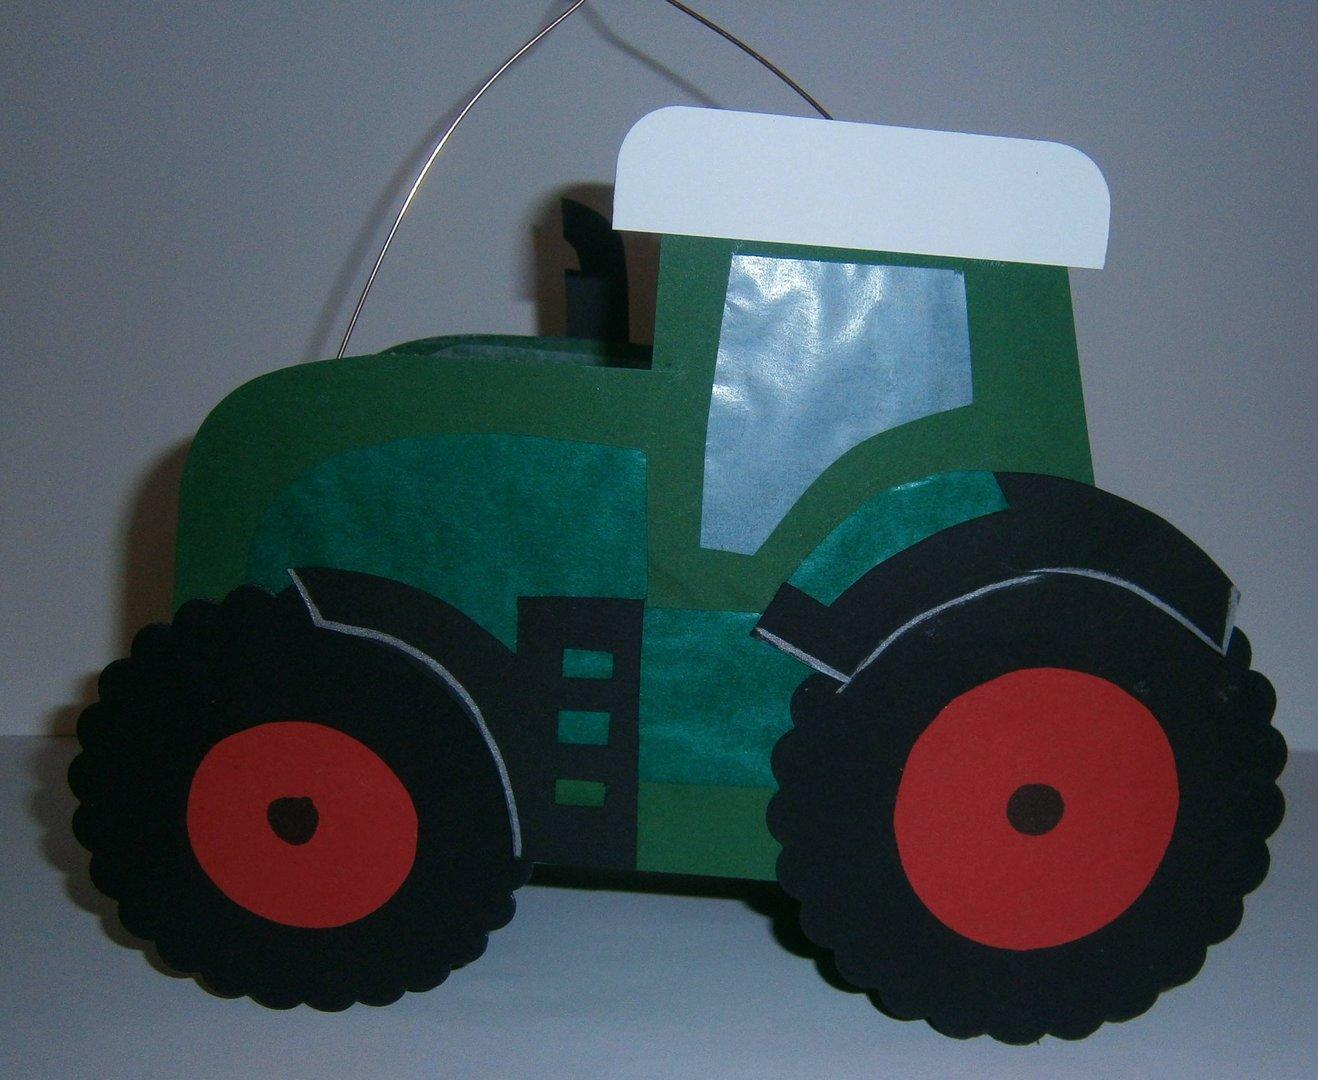 laterne traktor dunkelgr n rot bastelk nigin. Black Bedroom Furniture Sets. Home Design Ideas